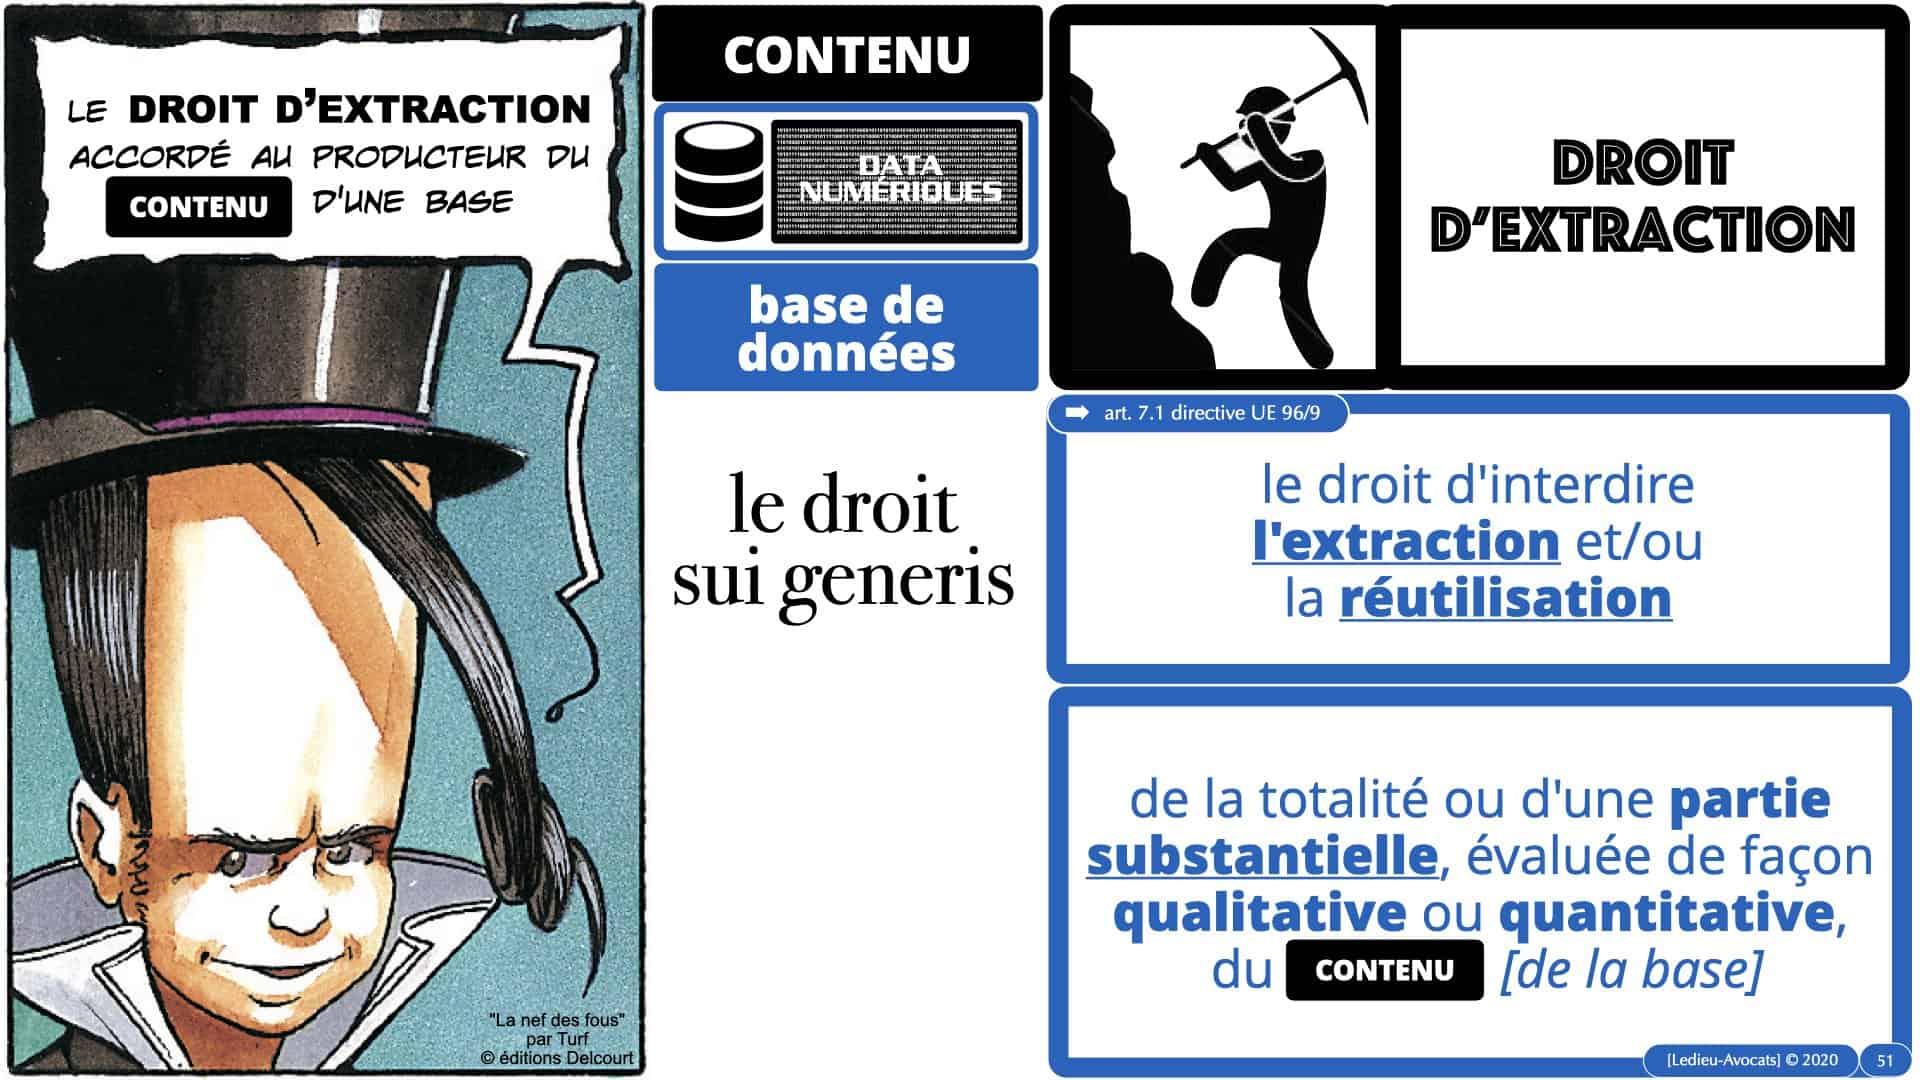 314 PRO BTP © Ledieu-avocat 03-12-2020.051